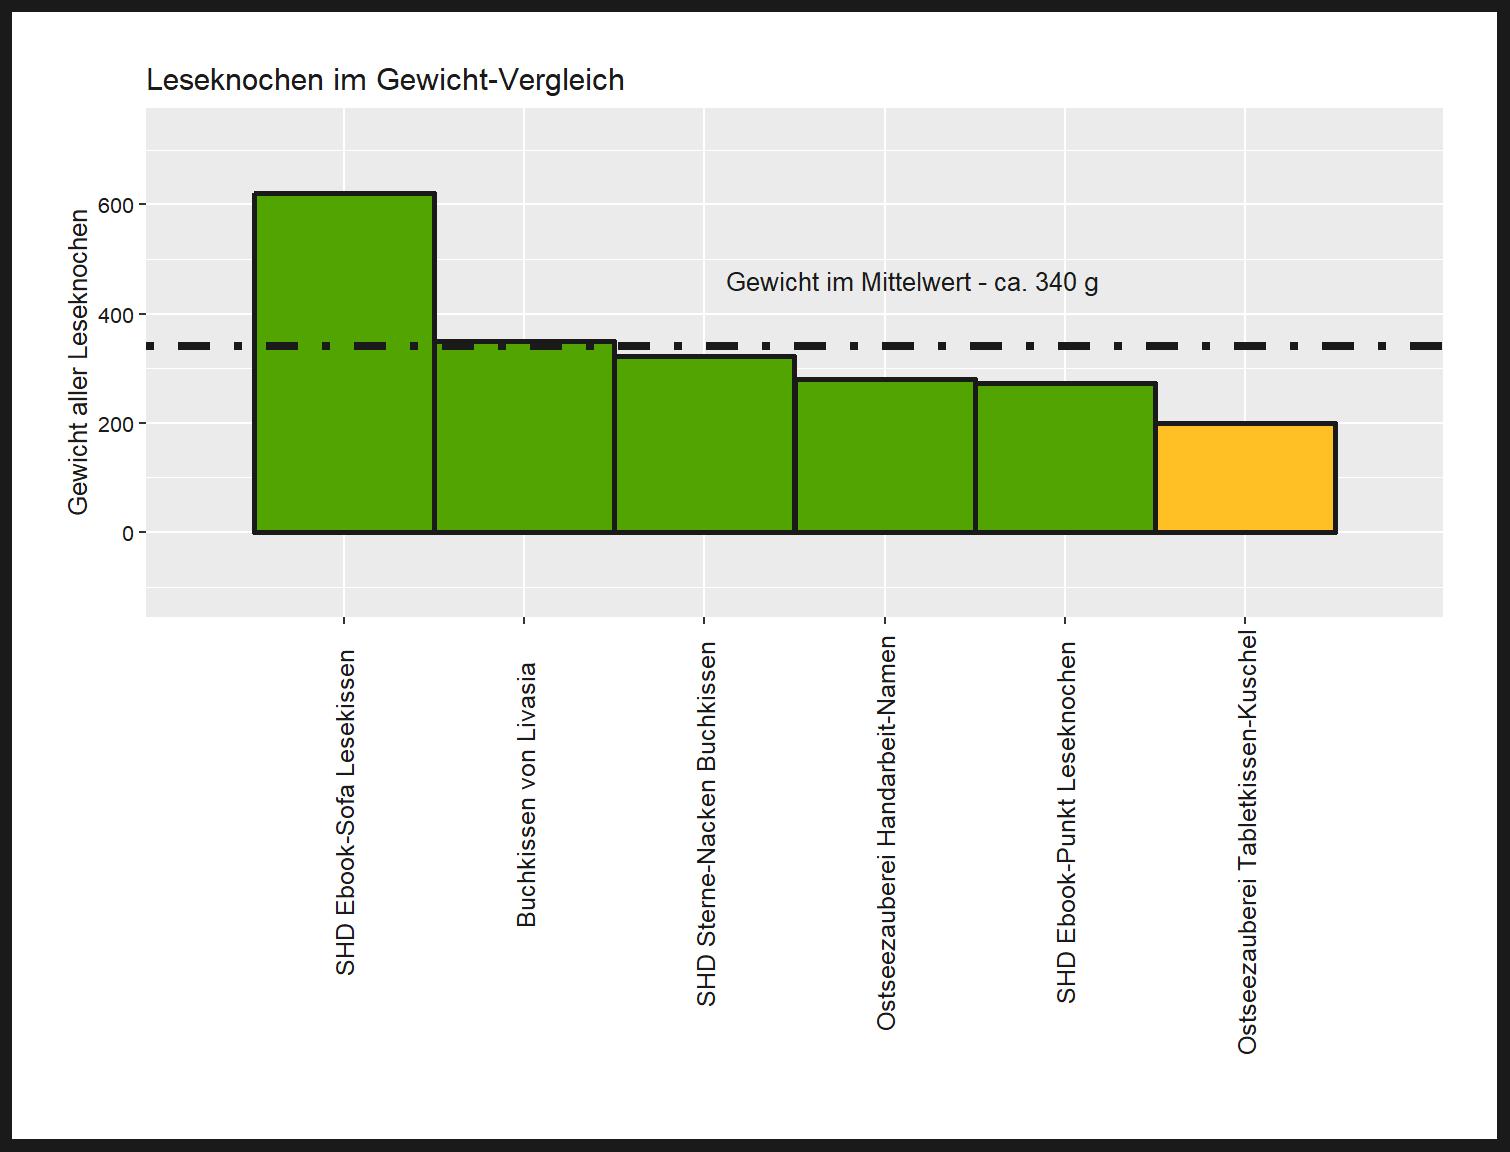 Gewicht-Vergleich von dem Ostseezauberei Bücherkissen Tabletkissen-Kuschel